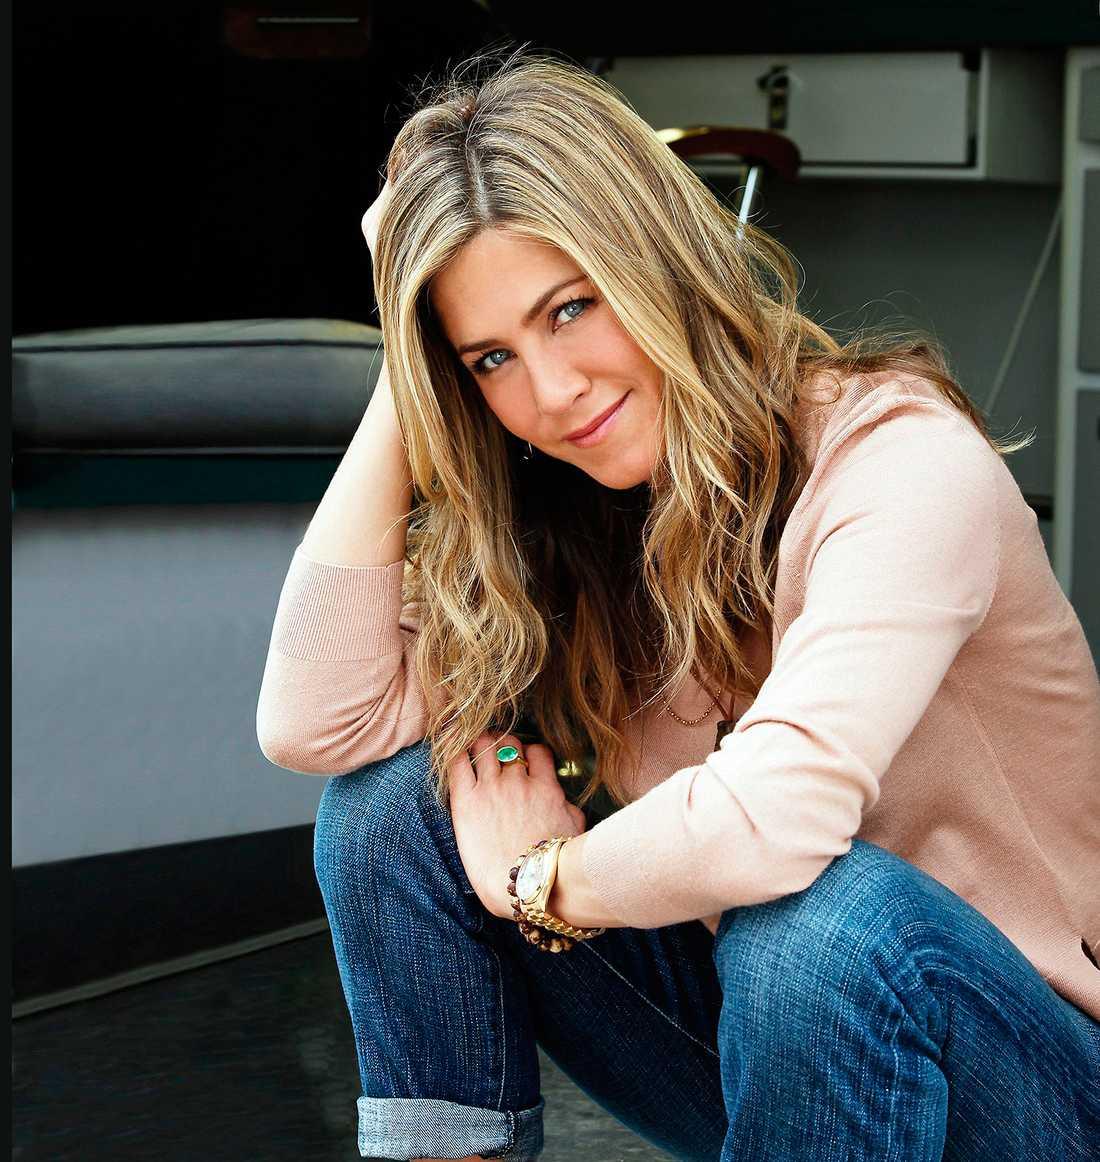 """Namn: Jennifer Aniston. Ålder: 45. Förlovad med: Justin Theroux. Bor: Los Angeles, Kalifornien.  Bakgrund: Studerade på High School of Performing Arts där serien Fame utspelar sig.  1994 slog hon igenom stort med tv-serien """"Vänner"""" där hon spelande Rachel Green i 10 år. Har medverkat i ett stort antal  romantiska komedier som """"Bruce den allsmäktige"""", """"Office space"""" och """"Dumpa honom!"""". """"The Rachel"""": Anistons flikiga och studsiga frisyr under de två första """"Vänner""""-säsongerna fick eget liv – och namn. Stylisten Chris McMillan skapade klippningen som enligt brittiska Express pryder över 11 miljoner kvinnor. Aniston har i efterhand har sagt att """"frisyren är den fulaste hon någonsin sett"""".  Aktuell med: Komedin """"Horrible bosses 2"""" som kommer på bio i december."""